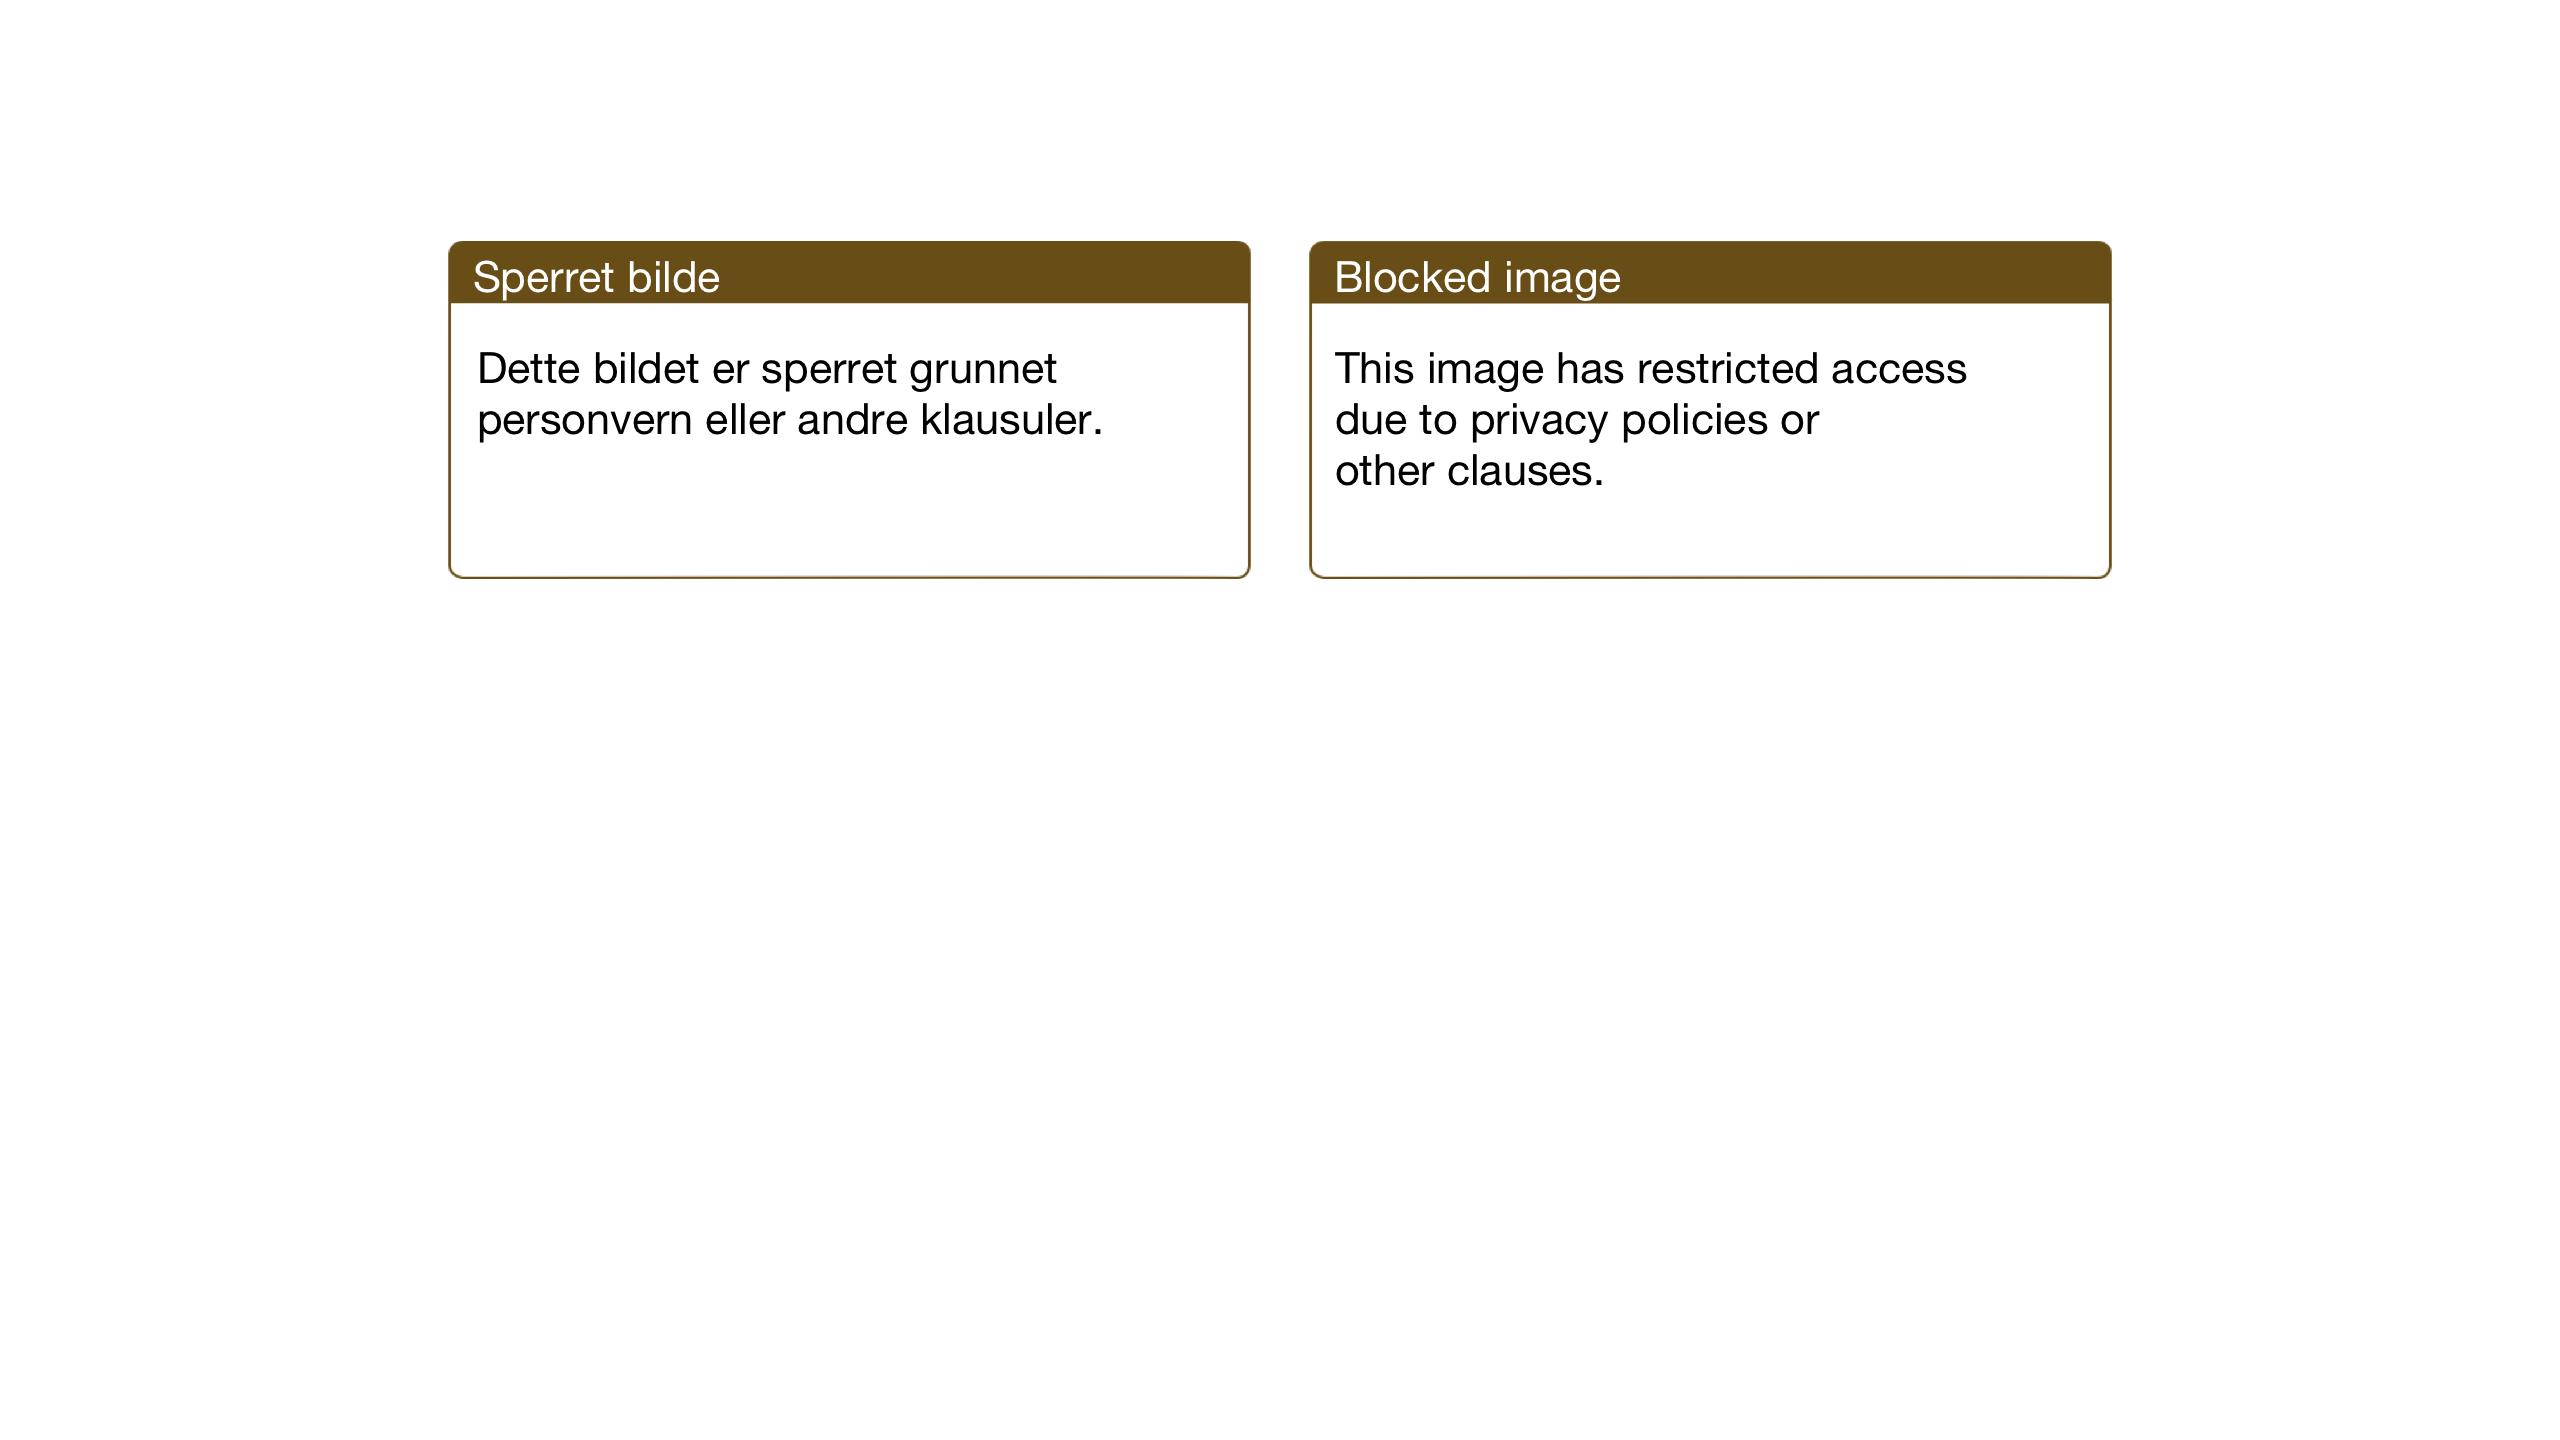 SAT, Ministerialprotokoller, klokkerbøker og fødselsregistre - Sør-Trøndelag, 606/L0315: Klokkerbok nr. 606C11, 1938-1947, s. 43